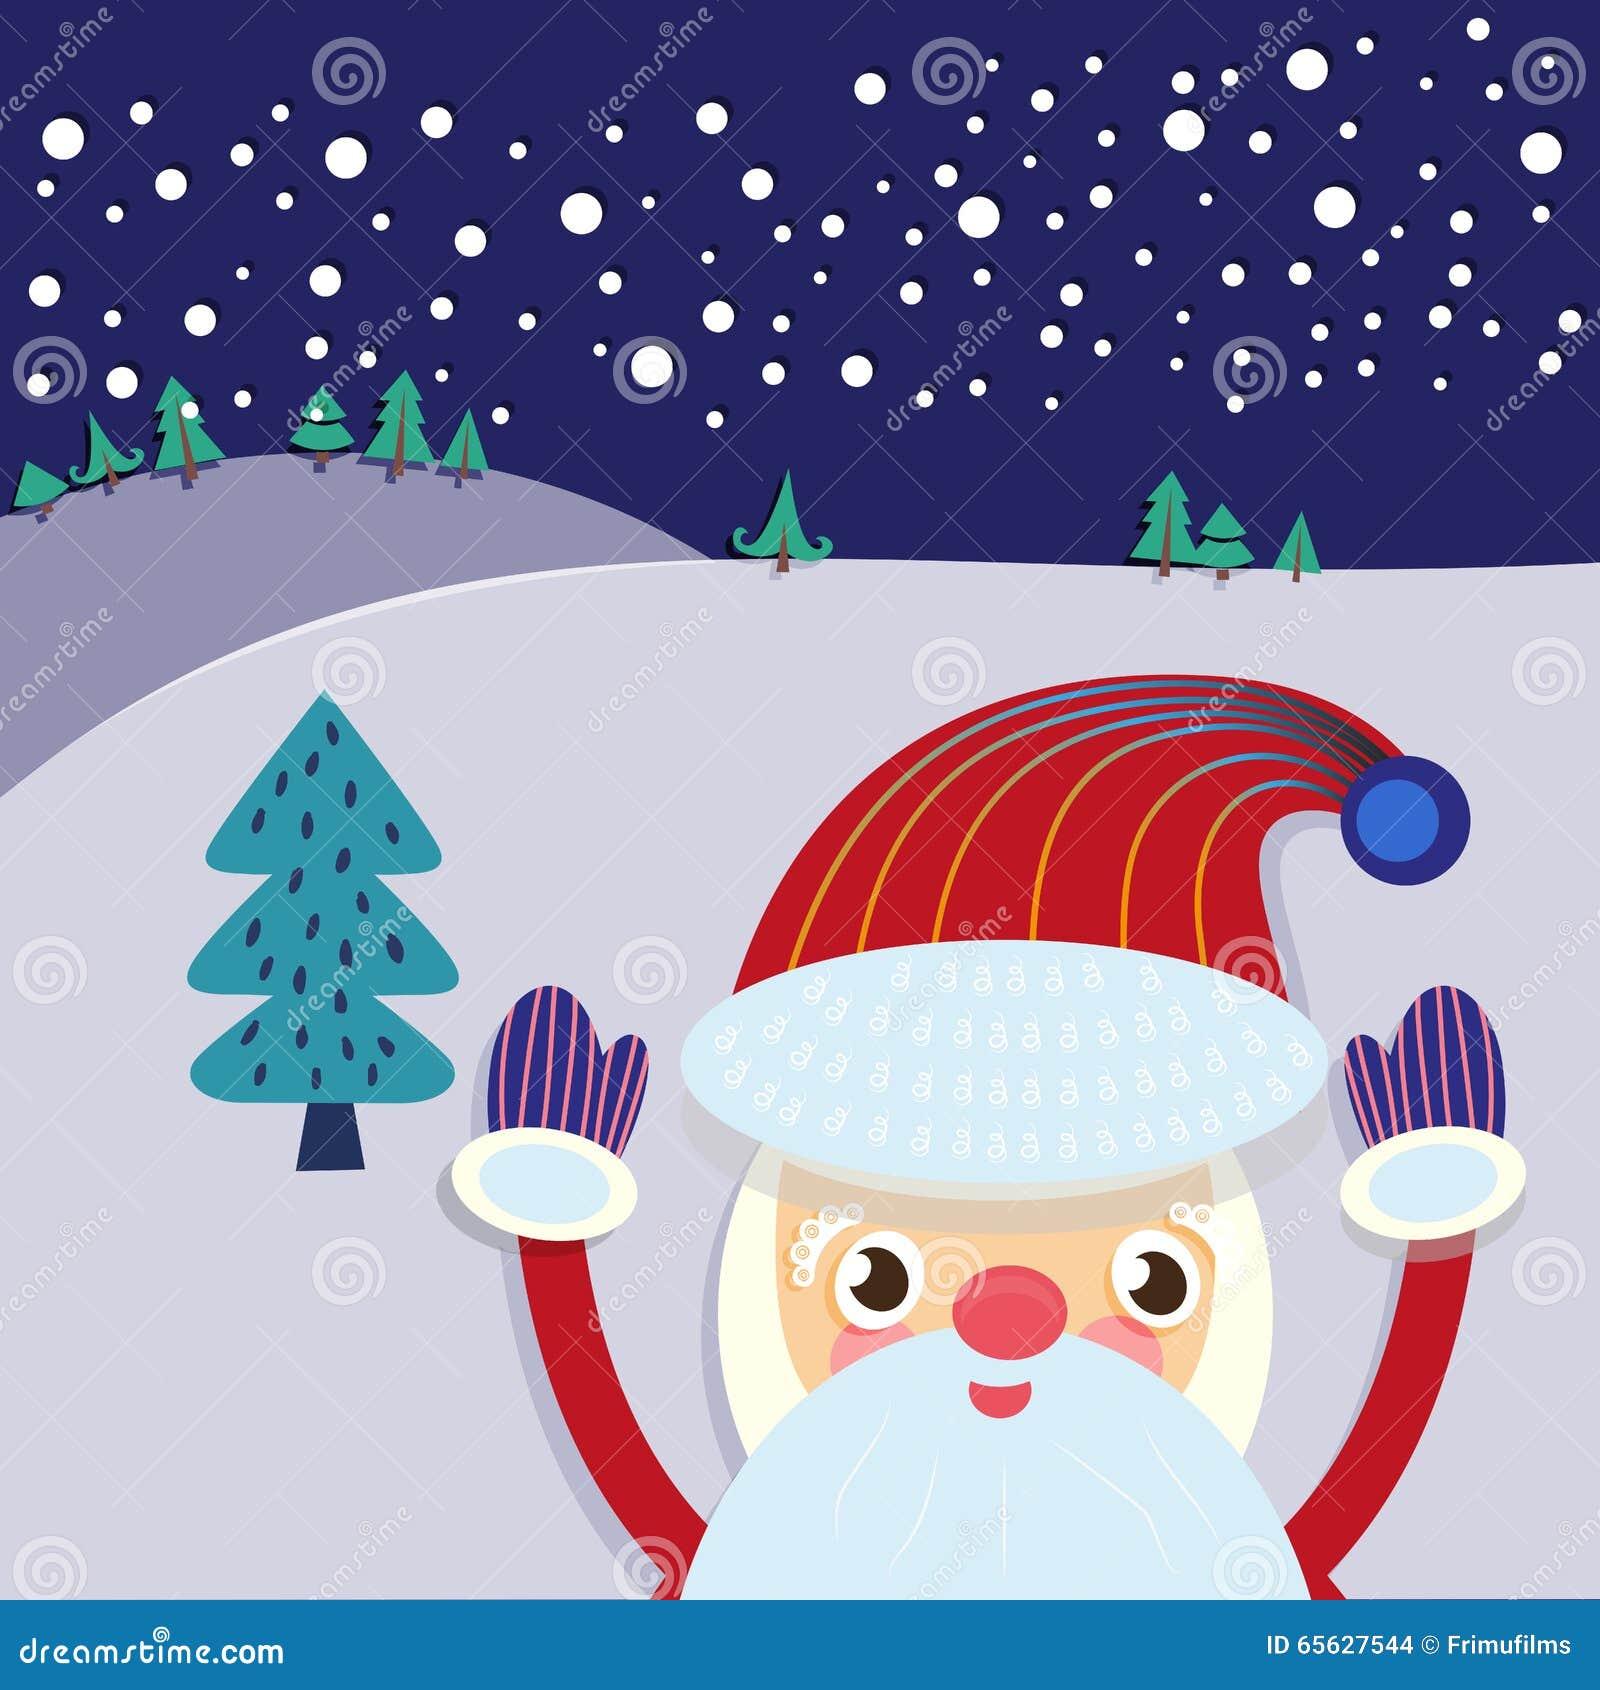 Santa Claus And Xmas Tree Greeting Card Stock Vector Illustration